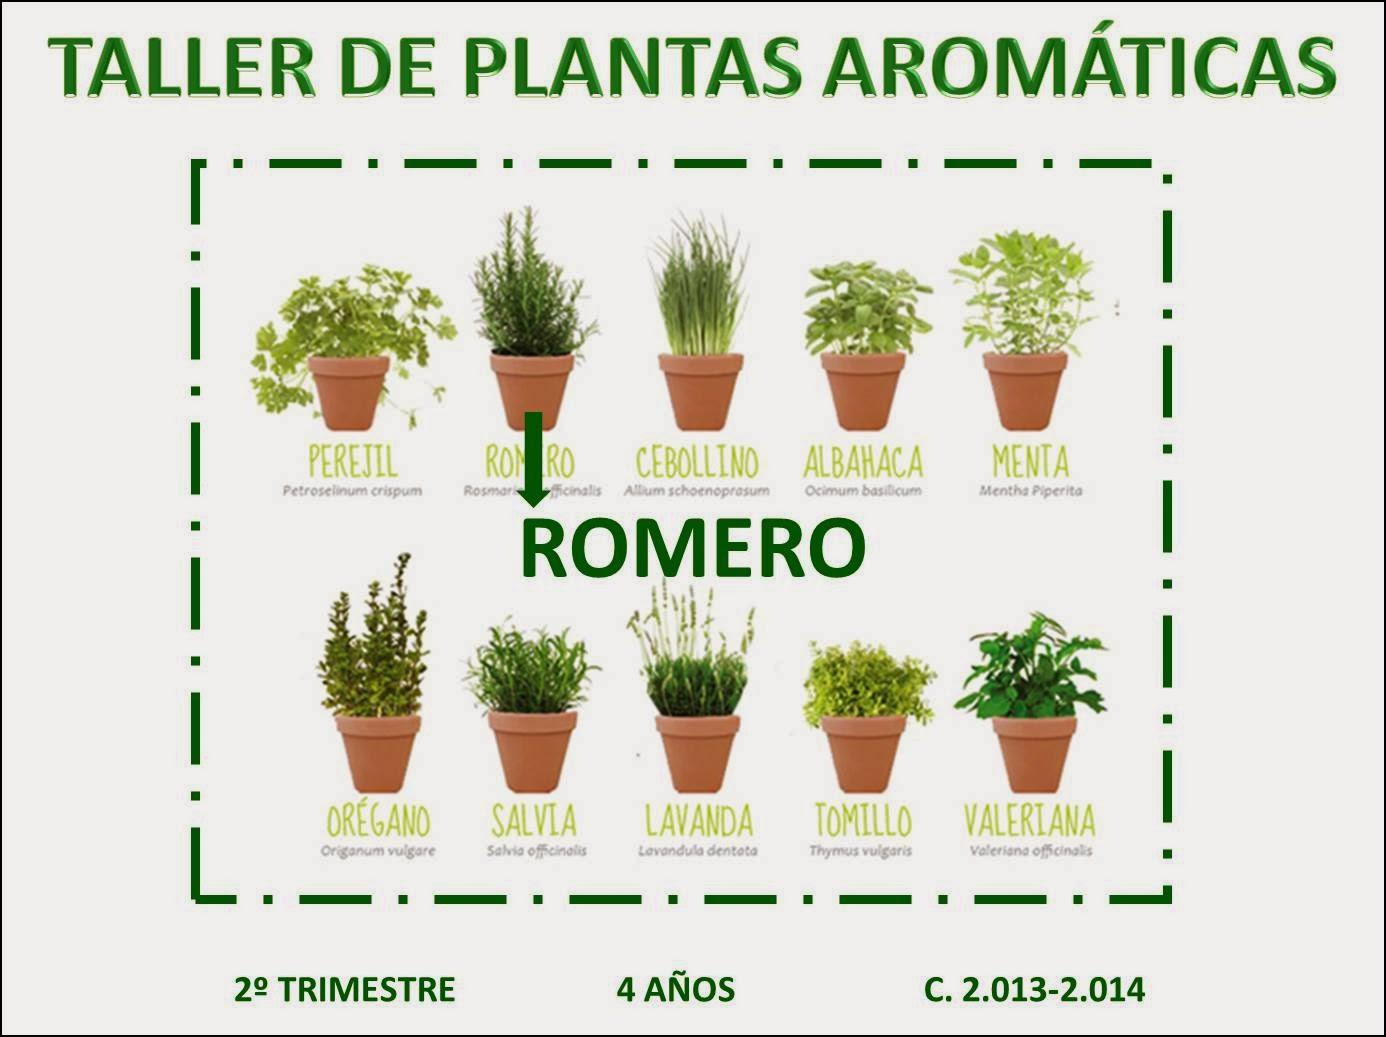 P4gregorimayans2013 taller de plantas arom ticas romero - Plantas de interior aromaticas ...